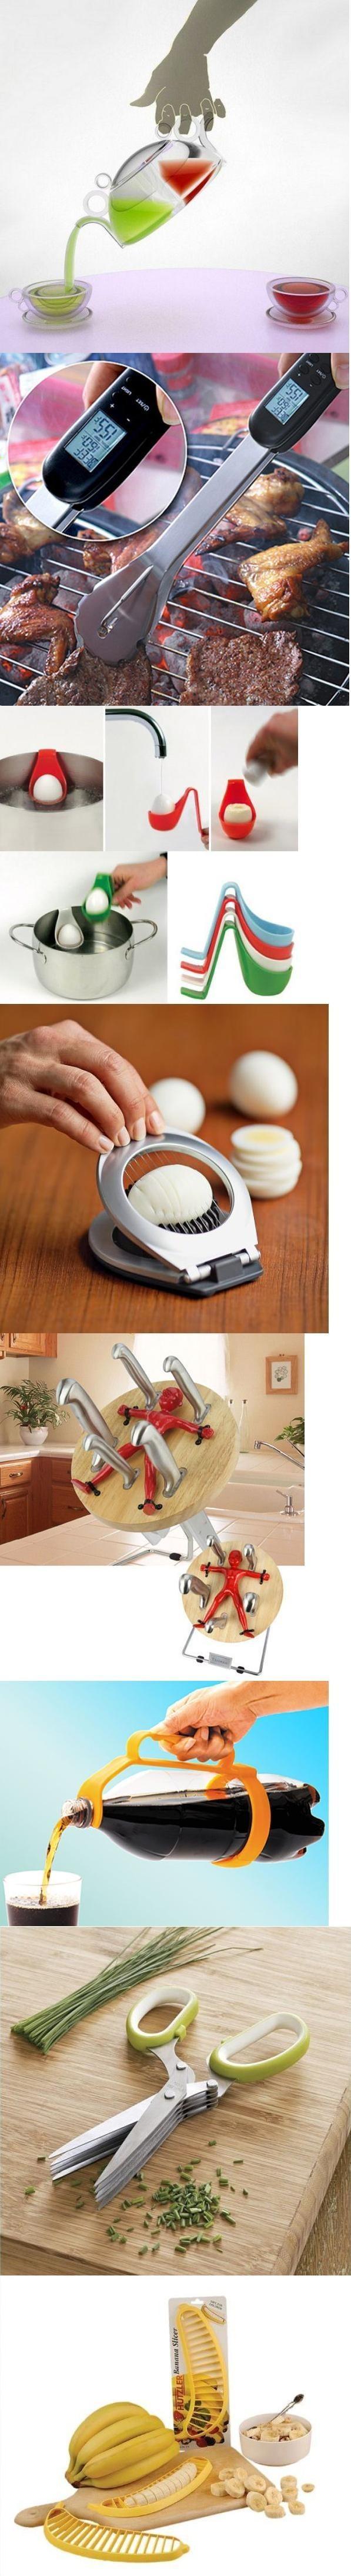 cool kitchen invention